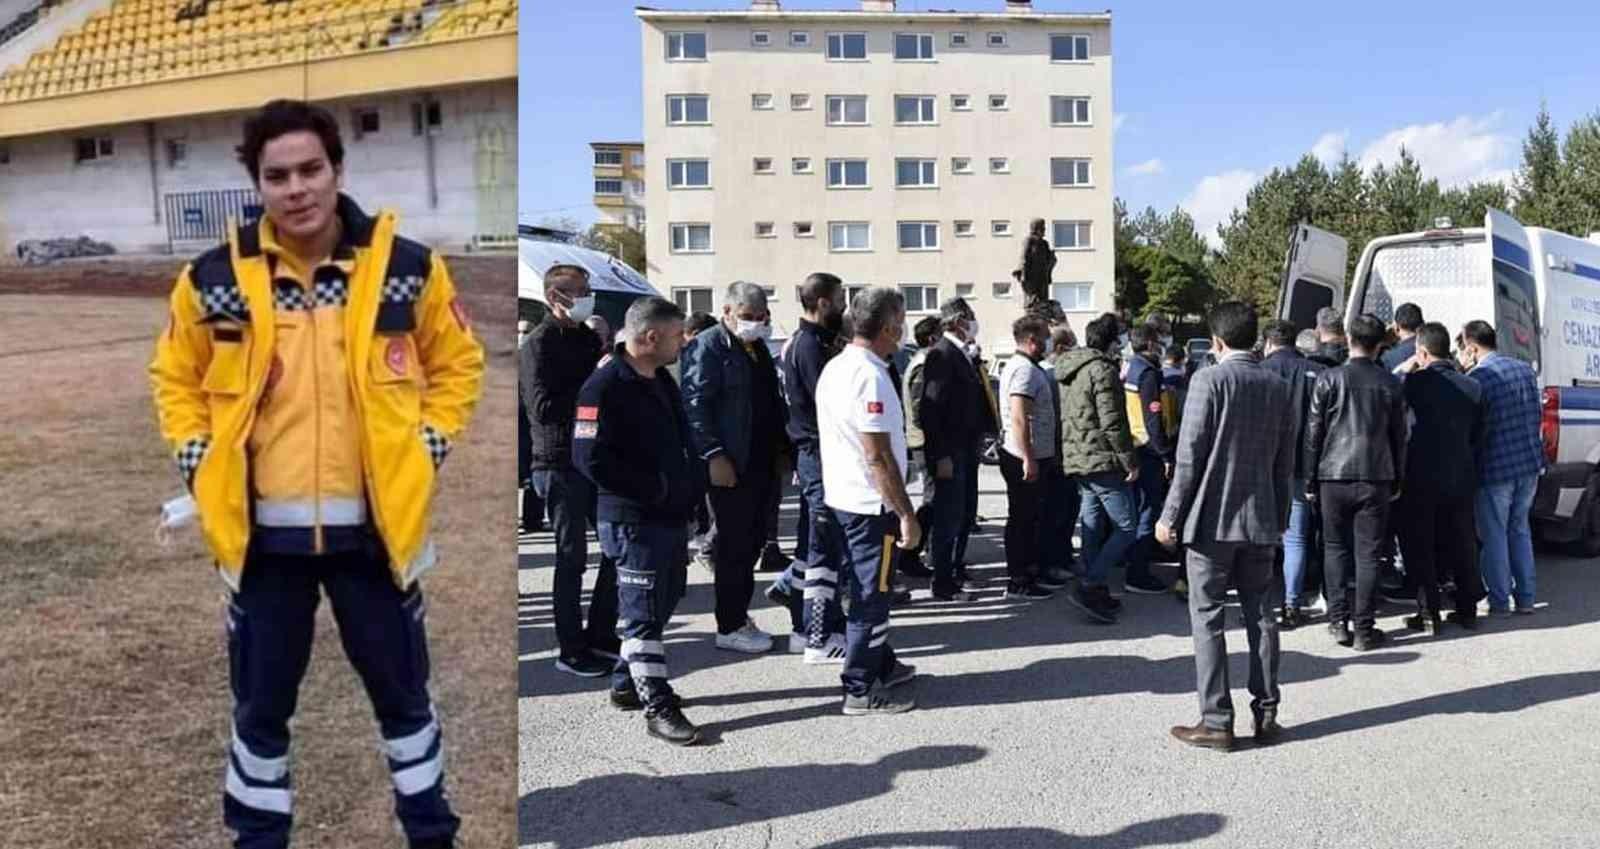 Kazada hayatını kaybeden sağlık çalışanı törenle memleketine uğurlandı #bayburt